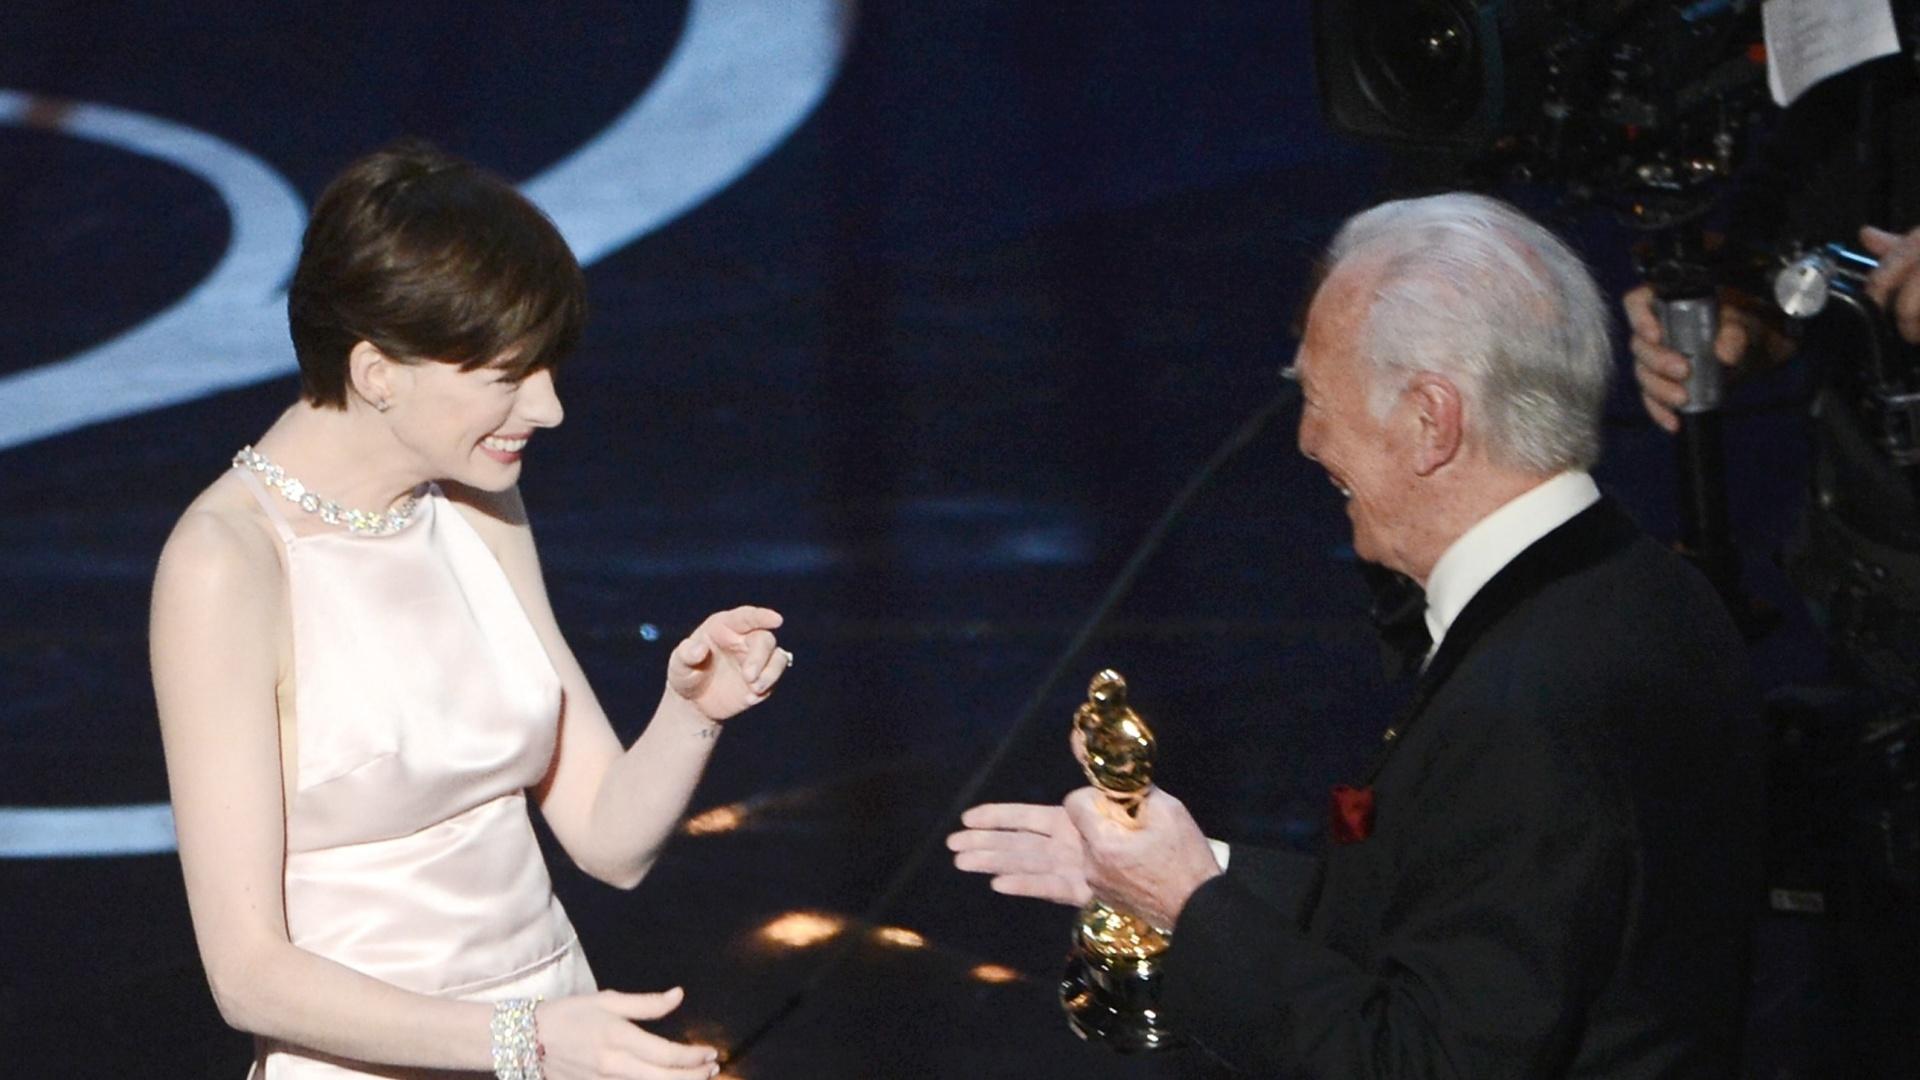 24.fev.2013 - Anne Hathaway recebe o prêmio de Melhor Atriz Coadjuvante por seu papel em